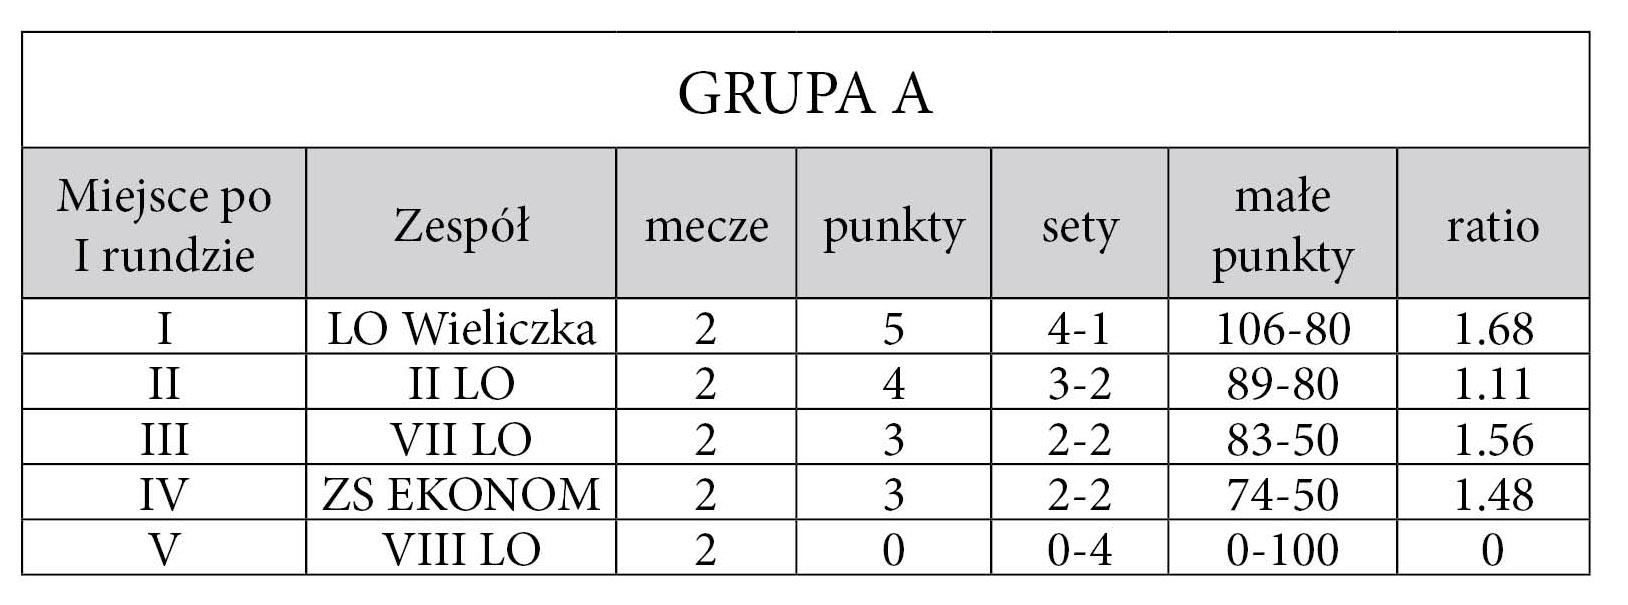 tabela_gr_A_1